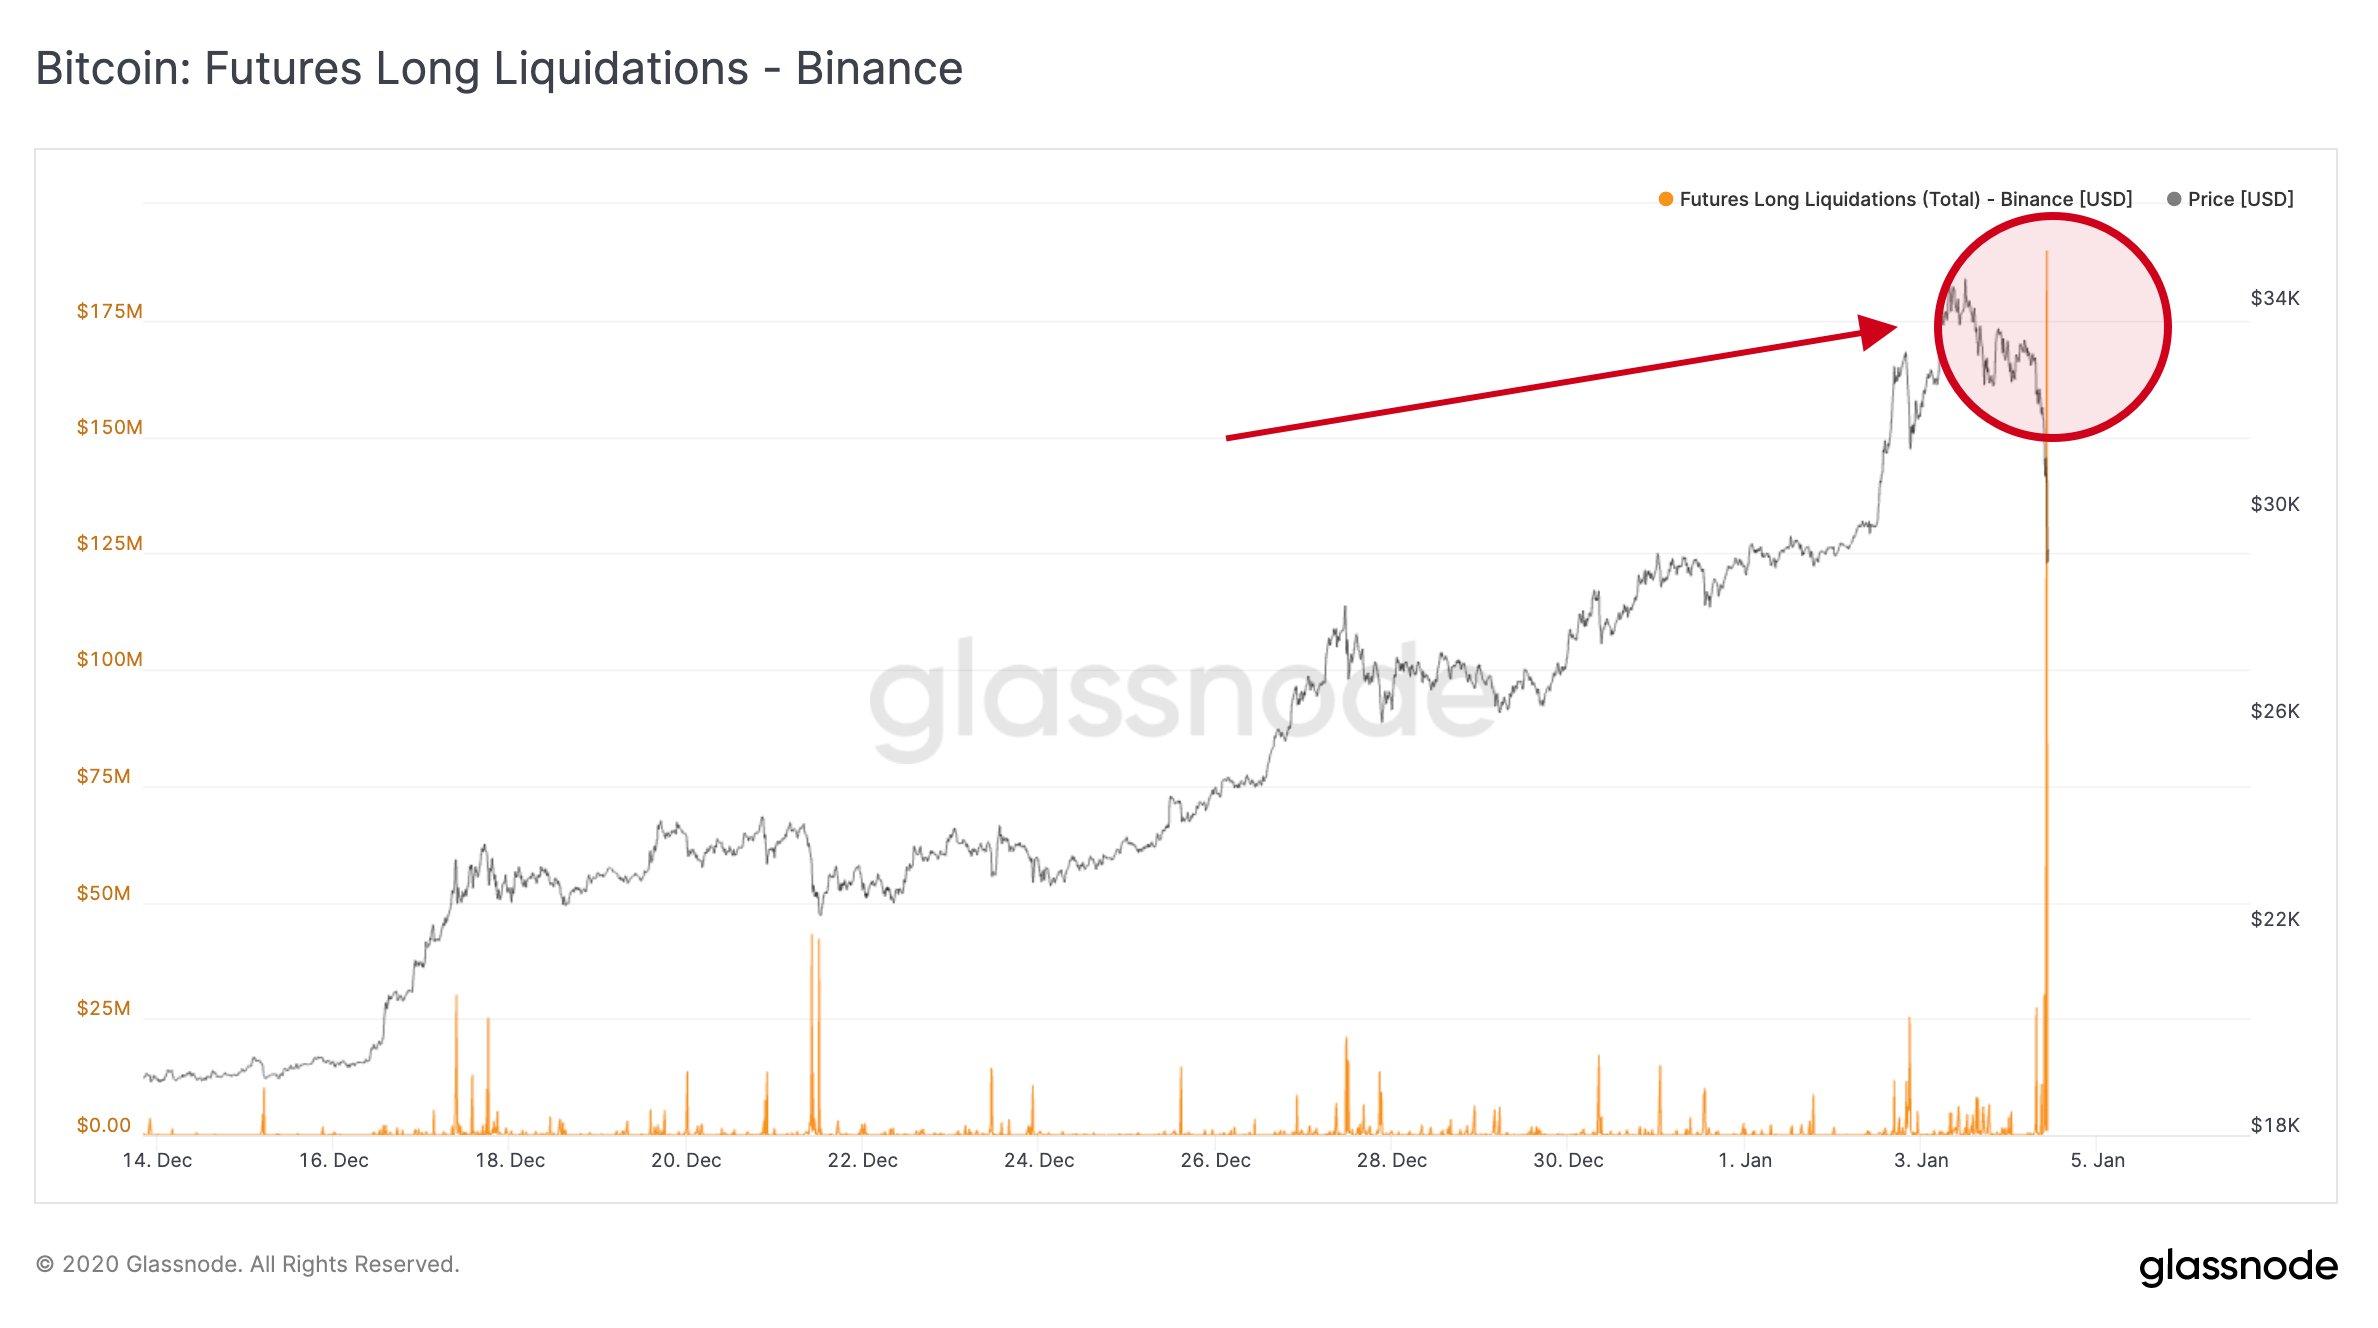 Grafico annotato delle liquidazioni di long nel mercato dei future su Bitcoin (Binance)